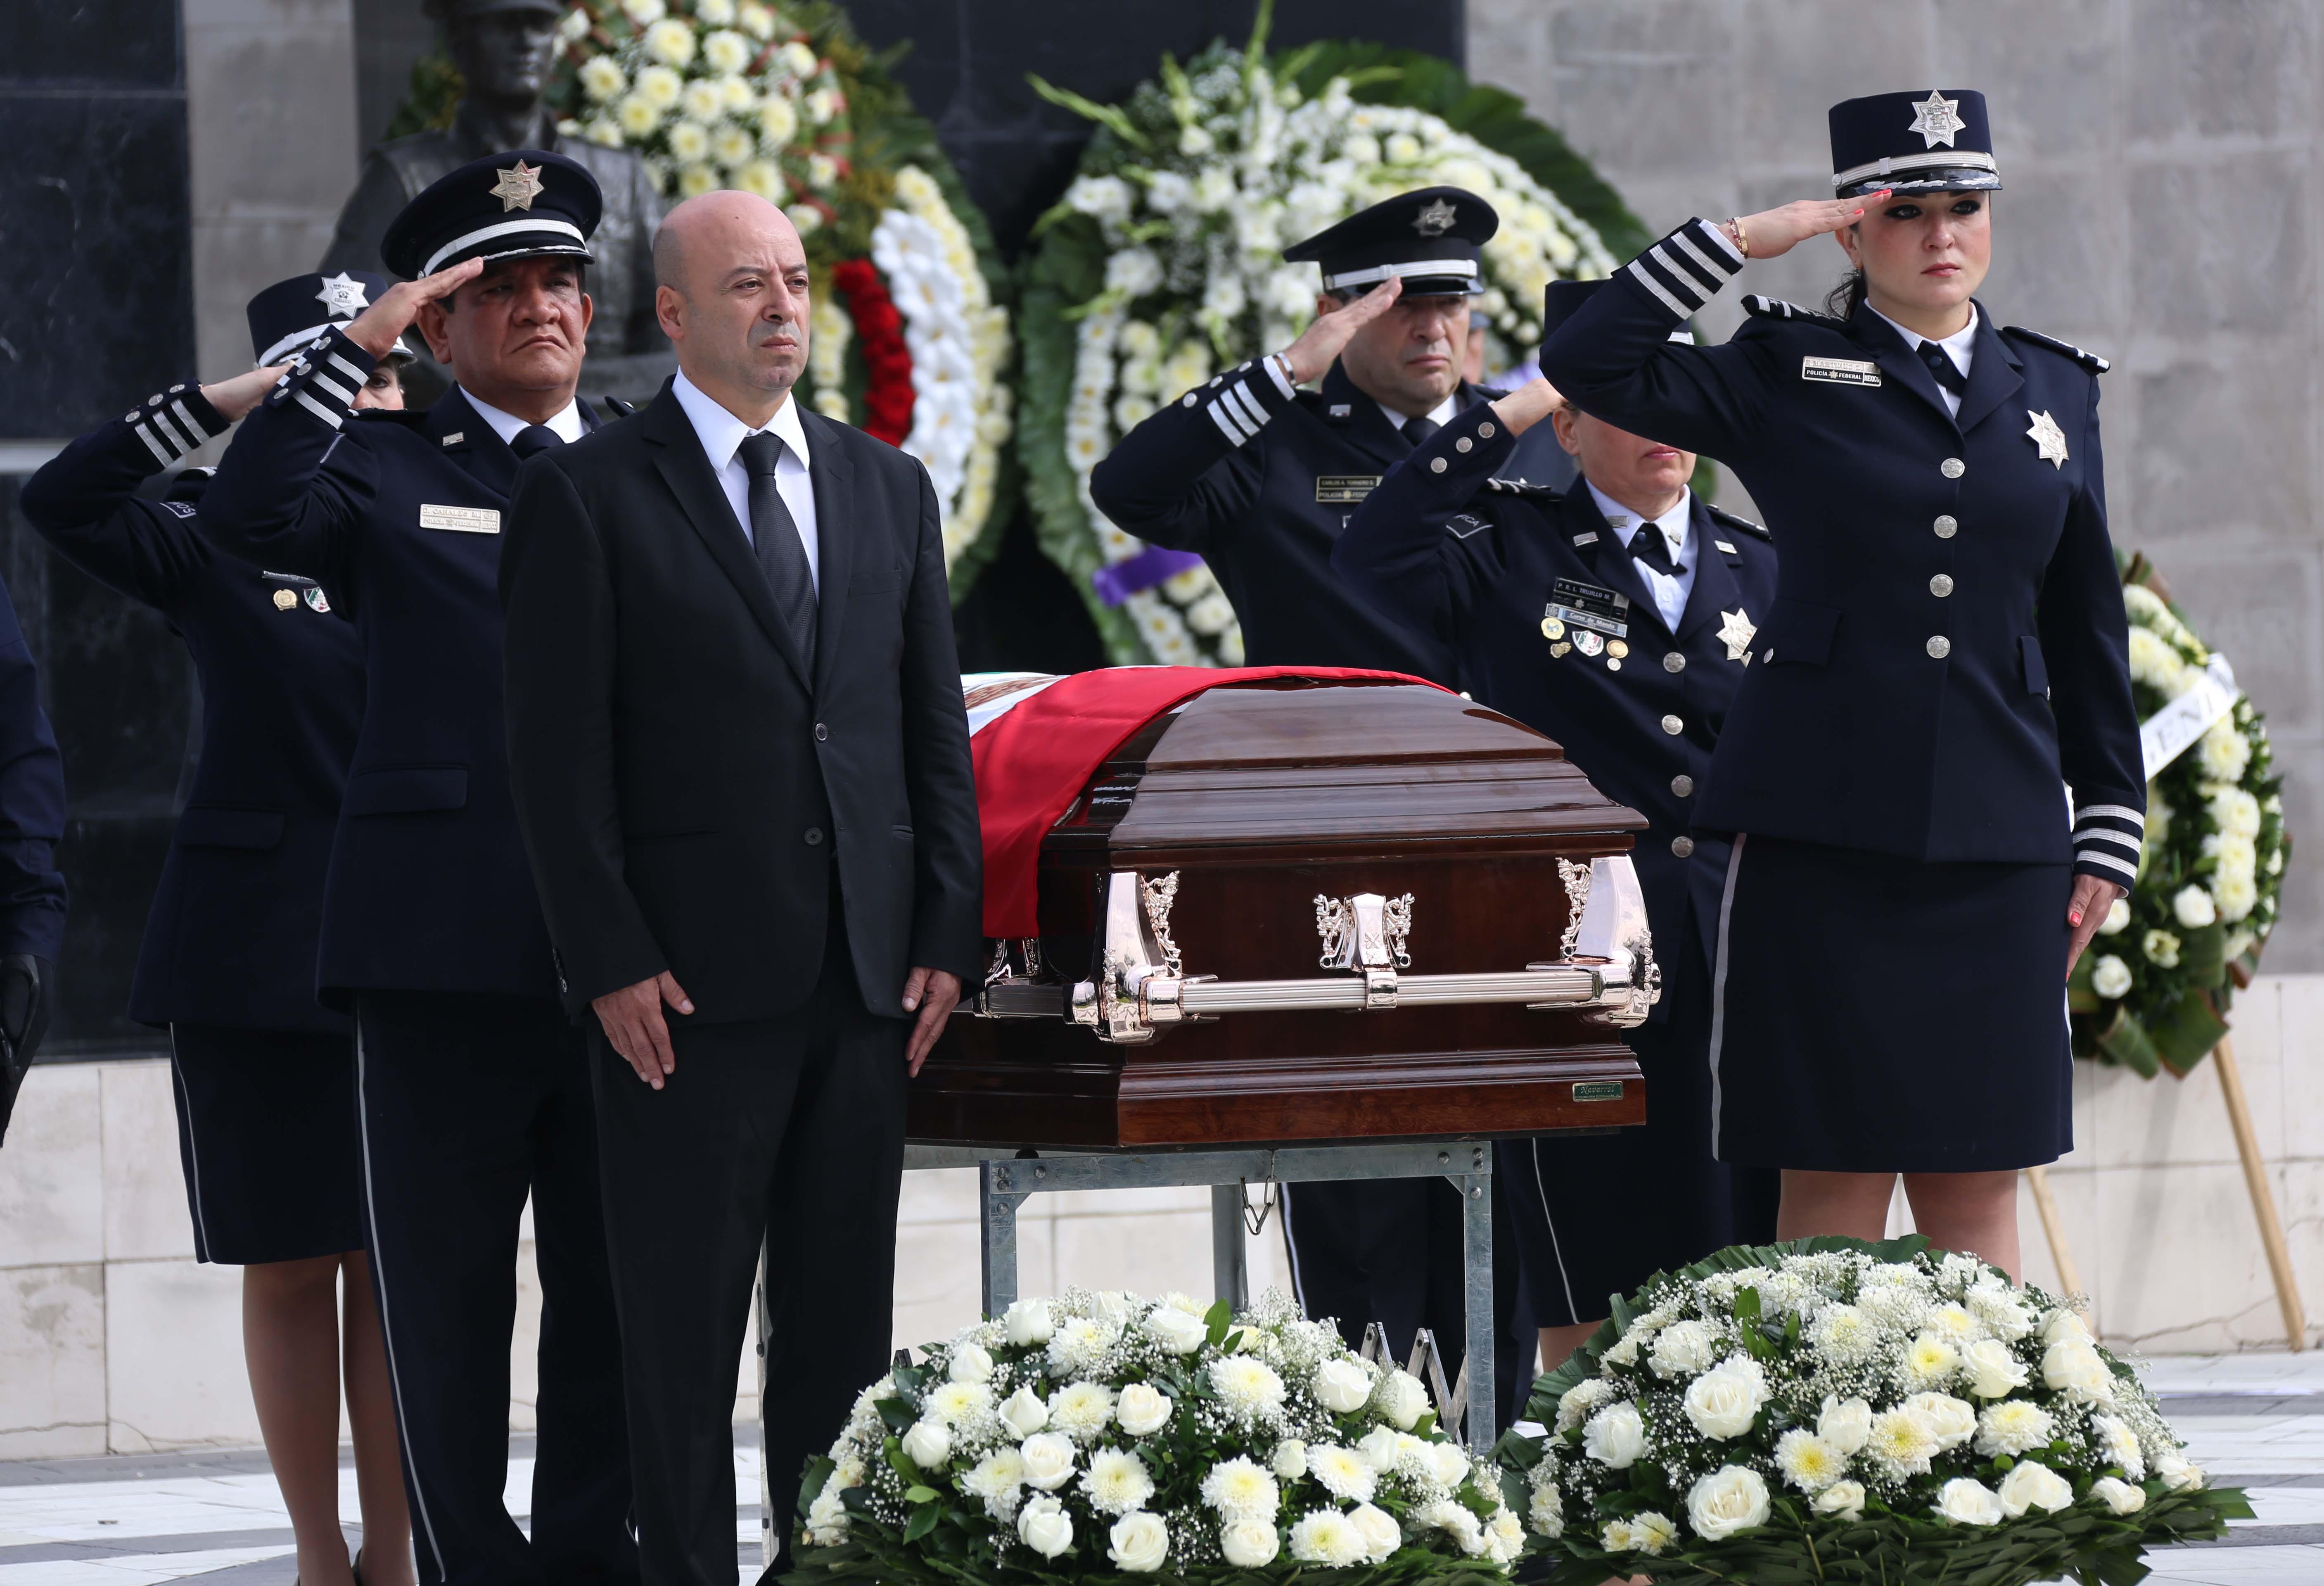 Muerte de Castagné no quedará impune; Renato Sales pide actuar por justicia y no por venganza